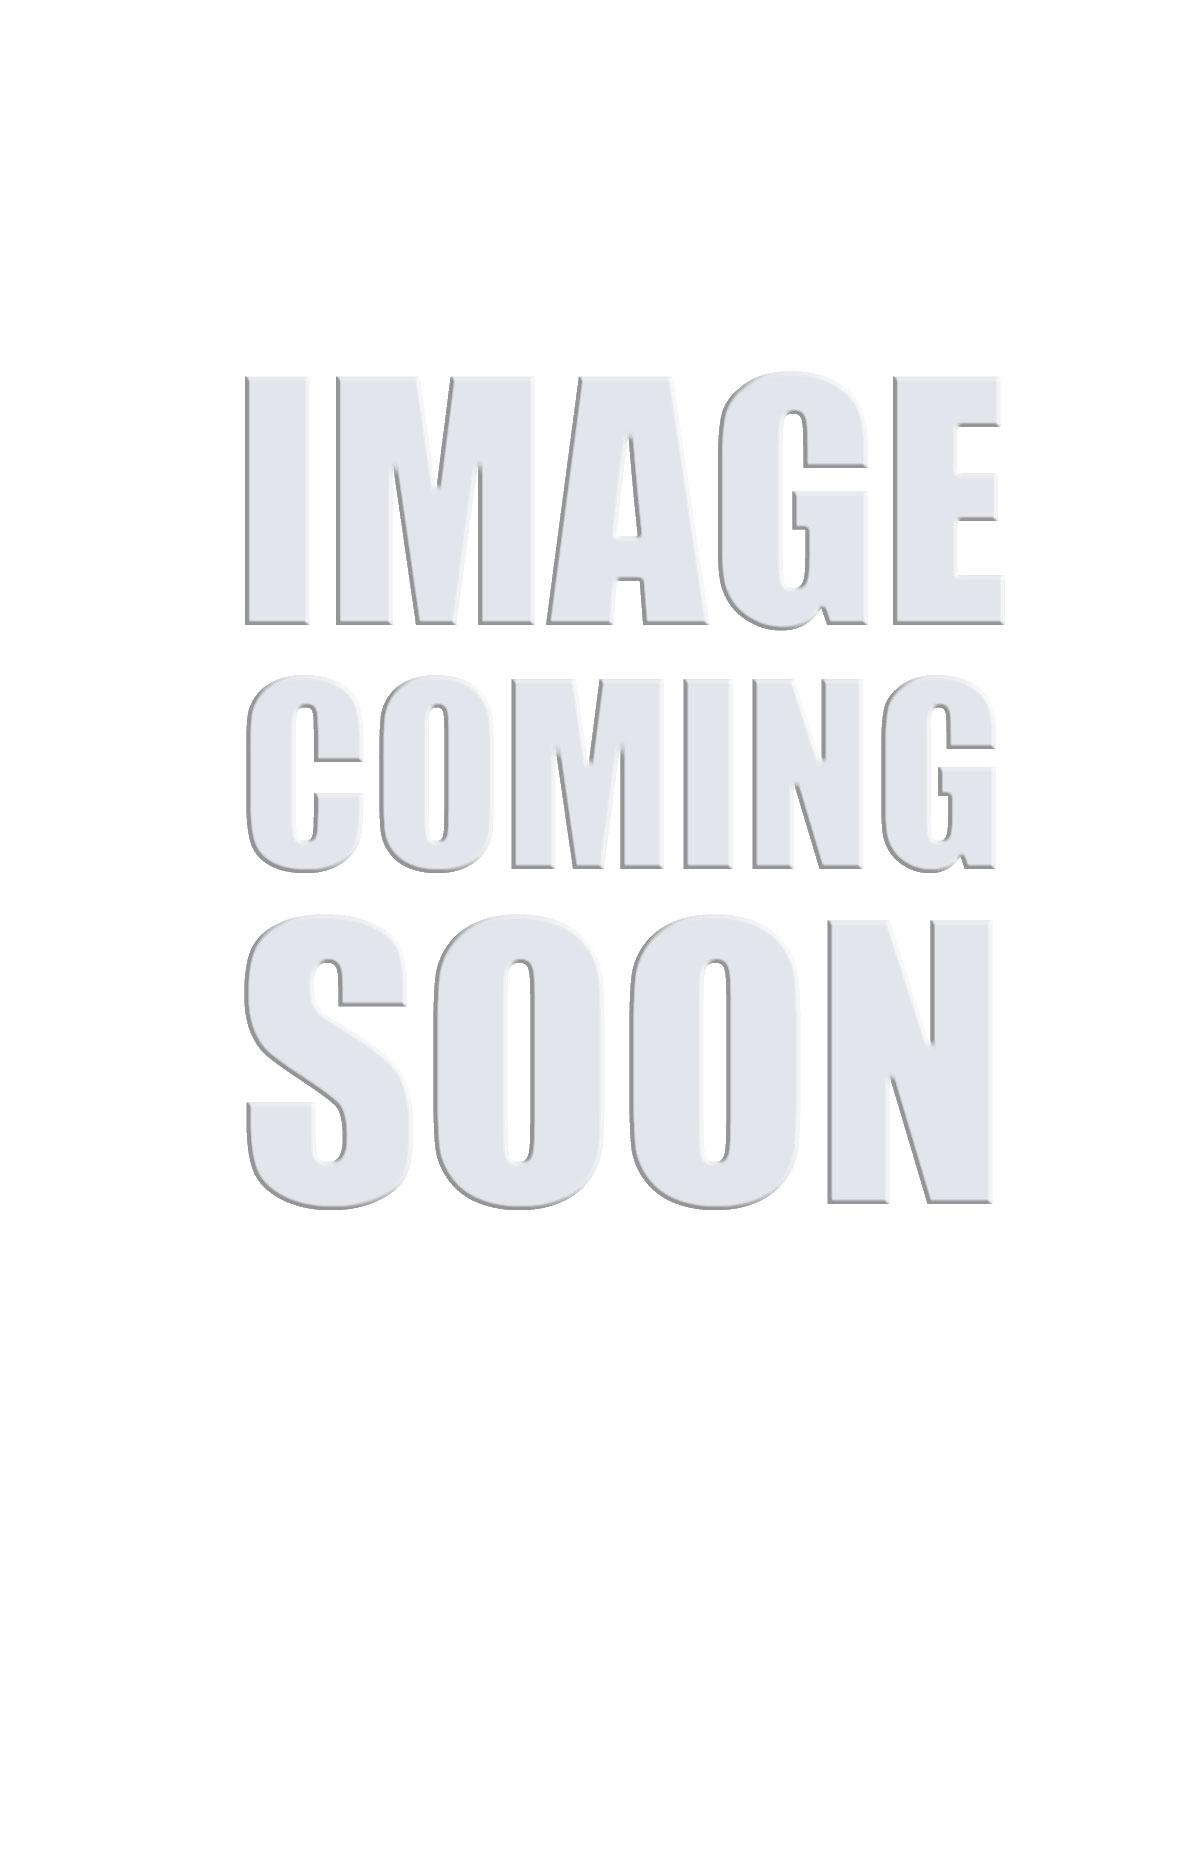 Demo - 2,000 RPM Millennium Edition Burnisher